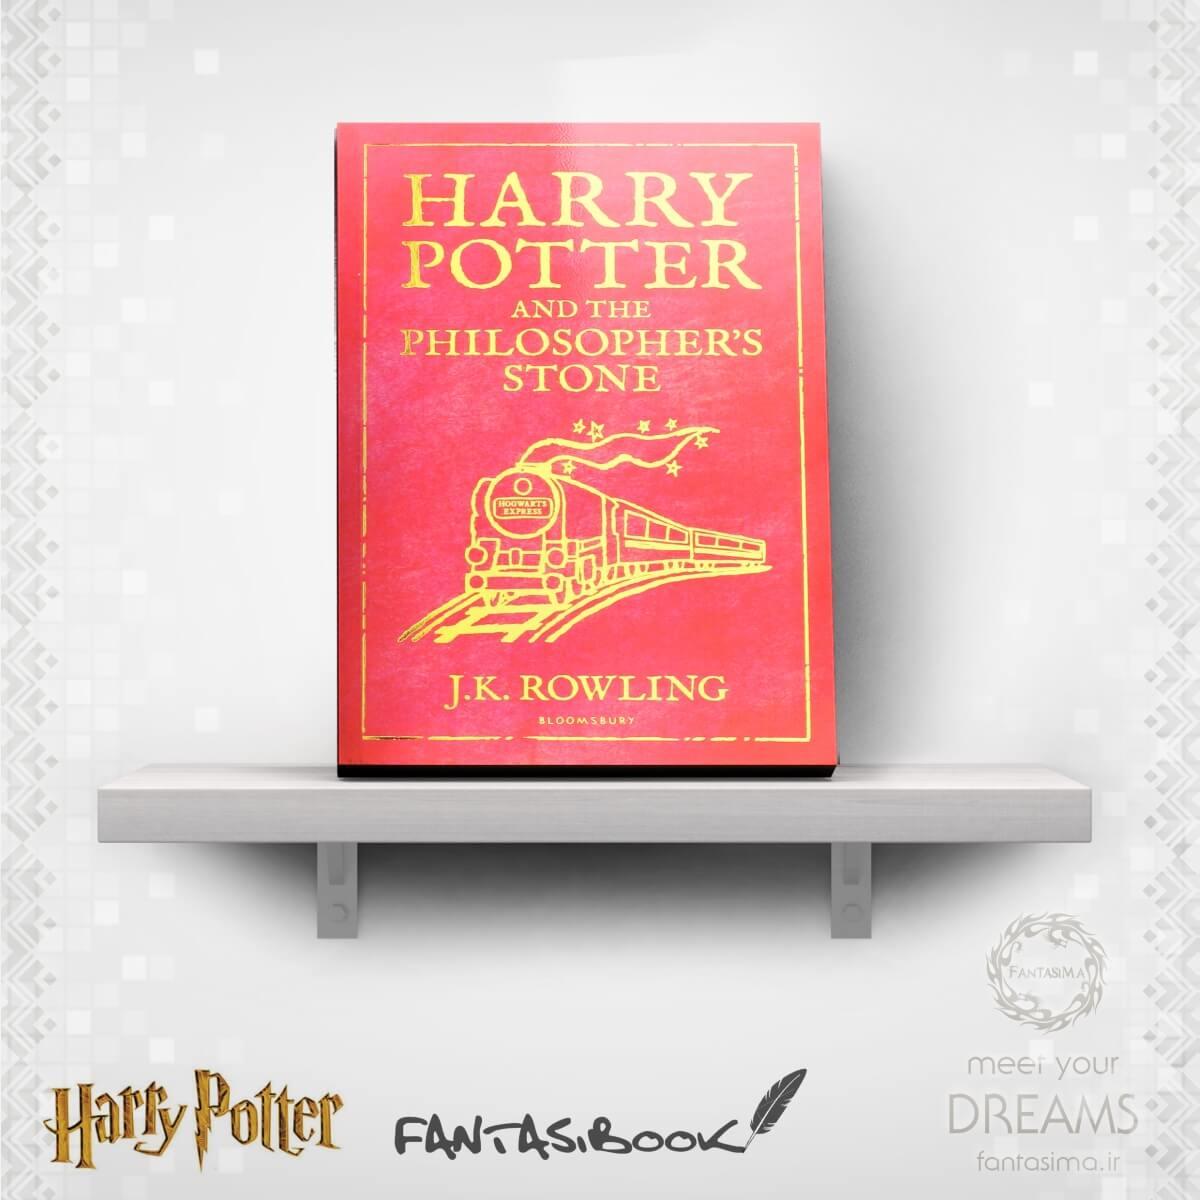 هری پاتر : شروع ماجراجویی های جادویی نسخه1، 2 و 3